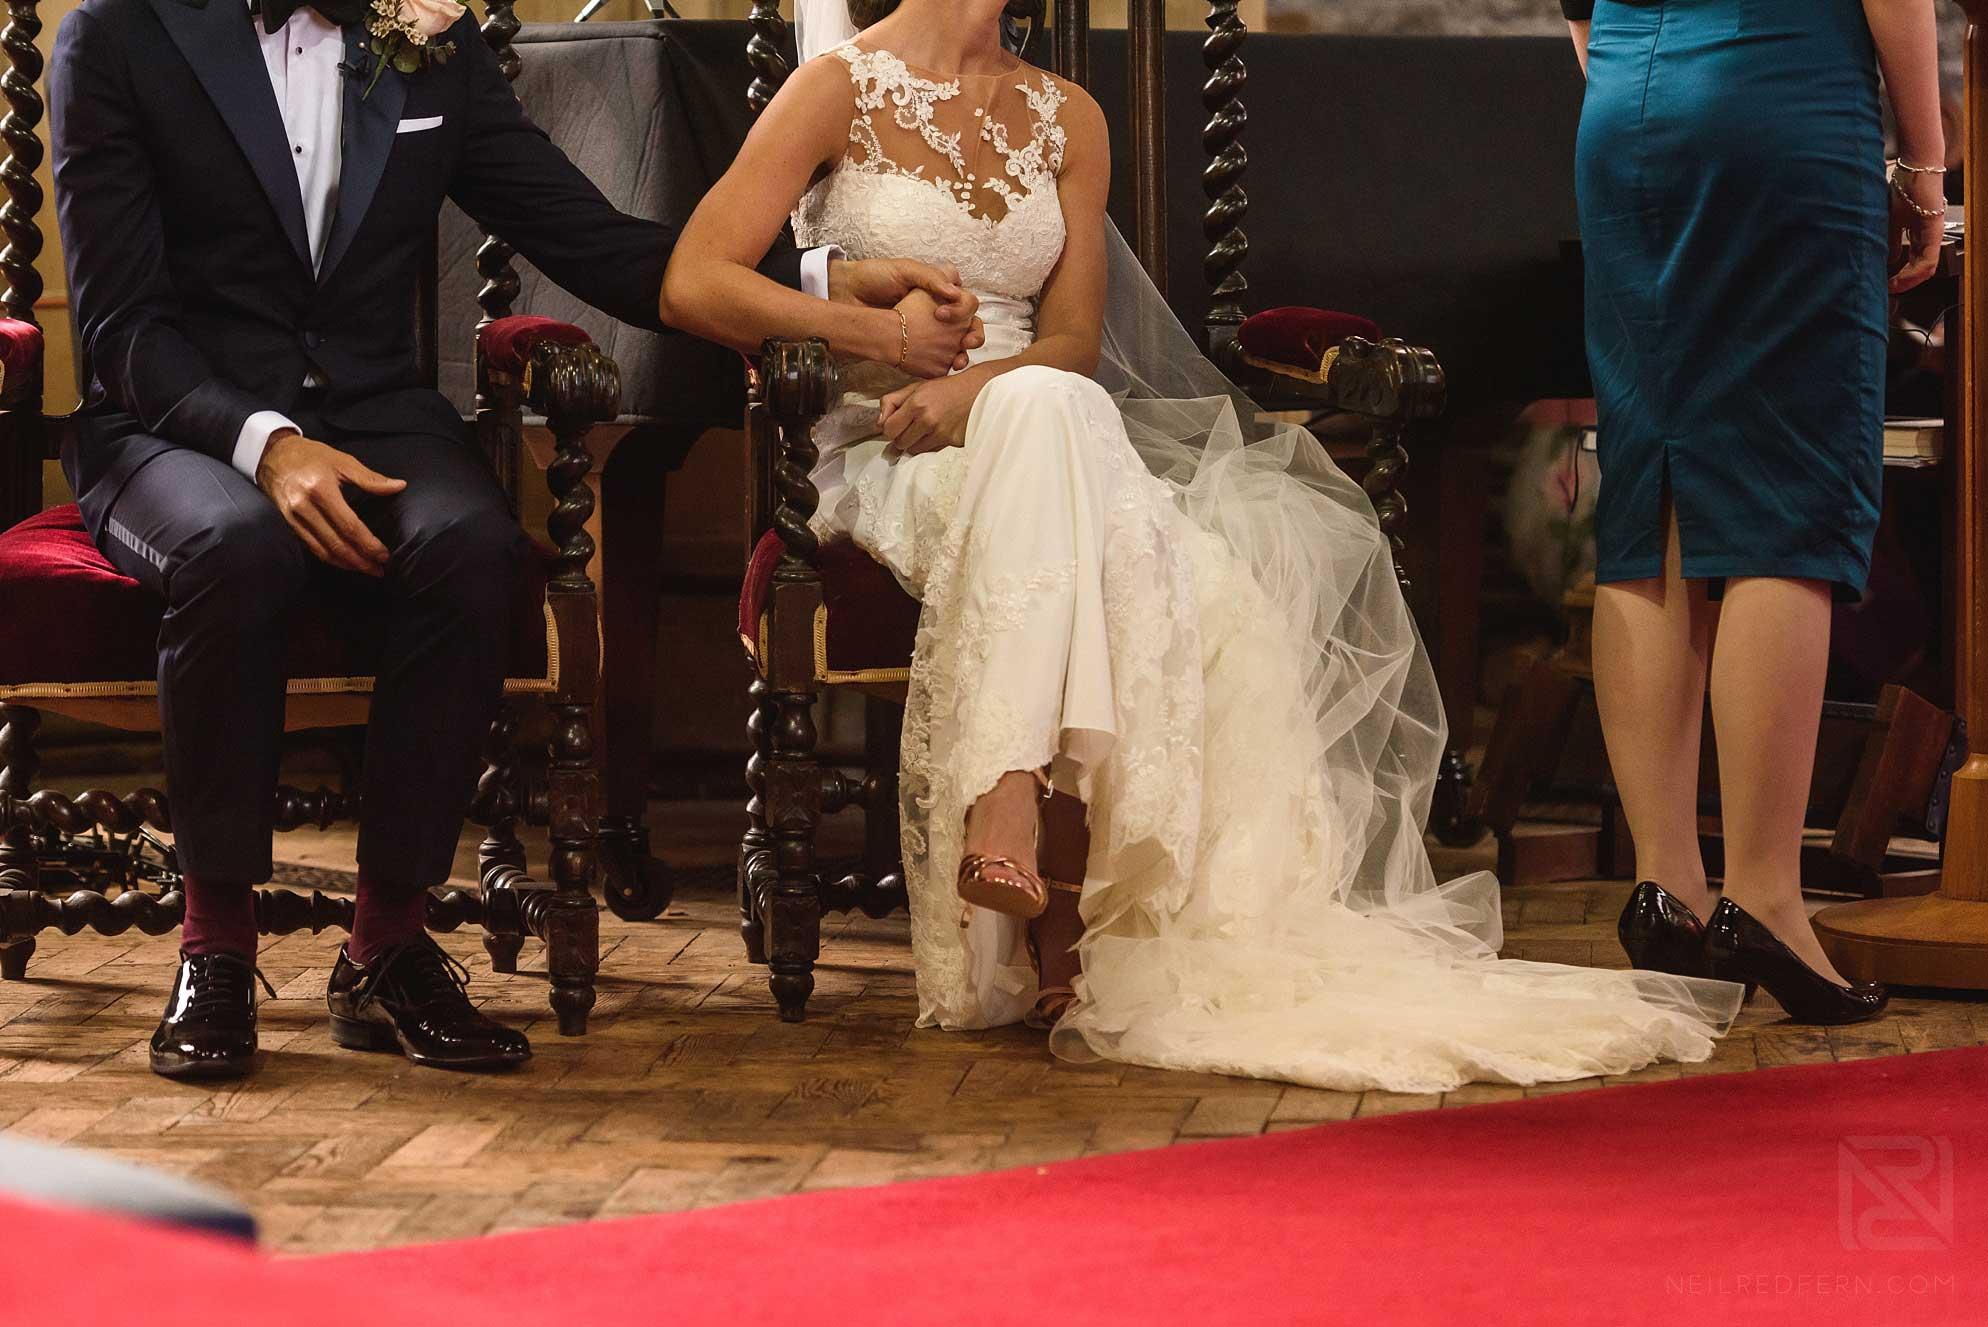 Nanteos-Mansion-wedding-photographs-18